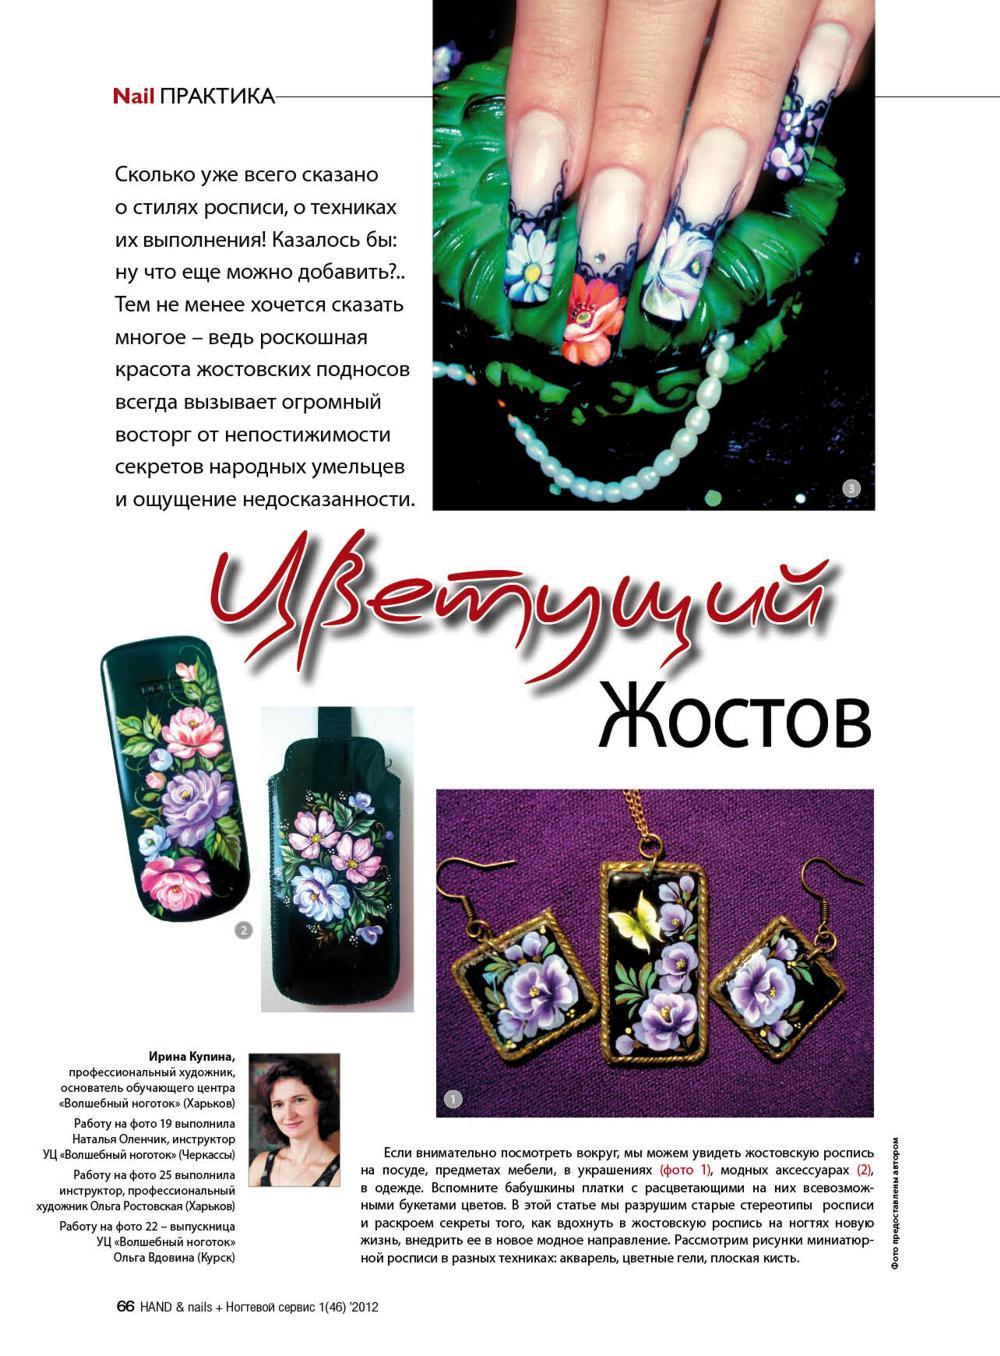 Цветущий Жостов на ногтях